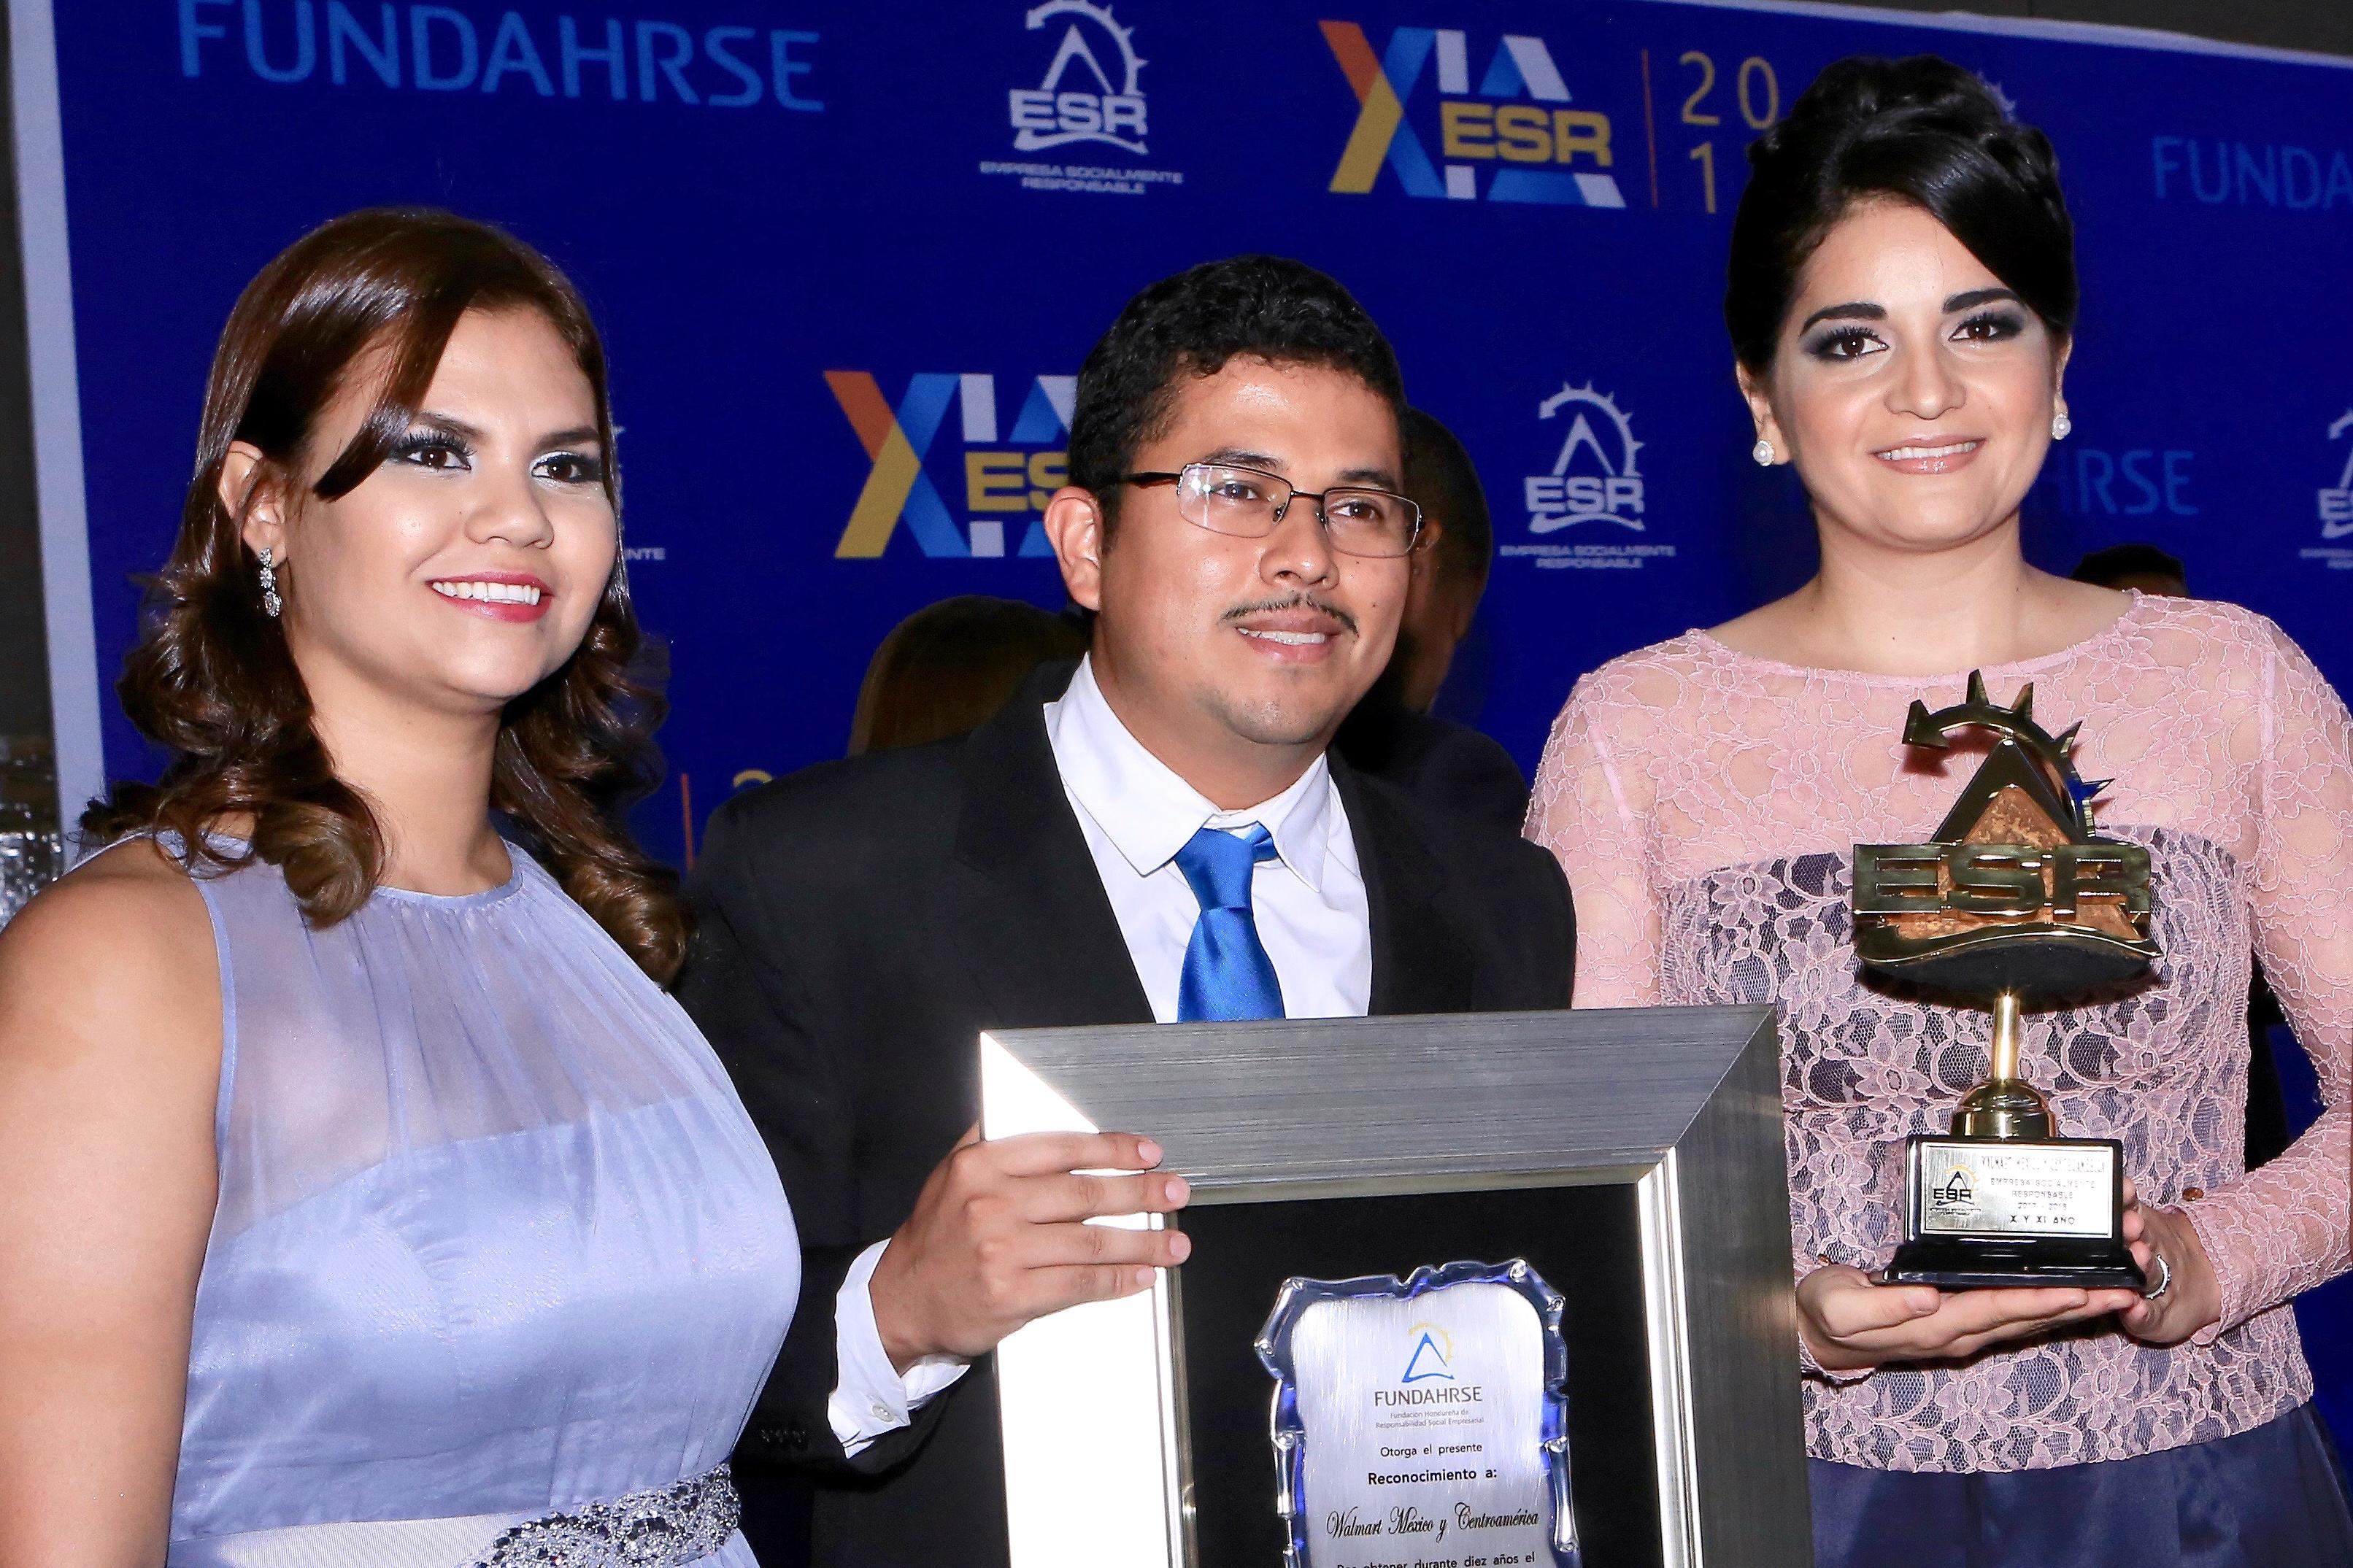 Walmart de México y Centroamérica recibe por décimo año consecutivo el Sello Fundahrse como Empresa Socialmente Responsable